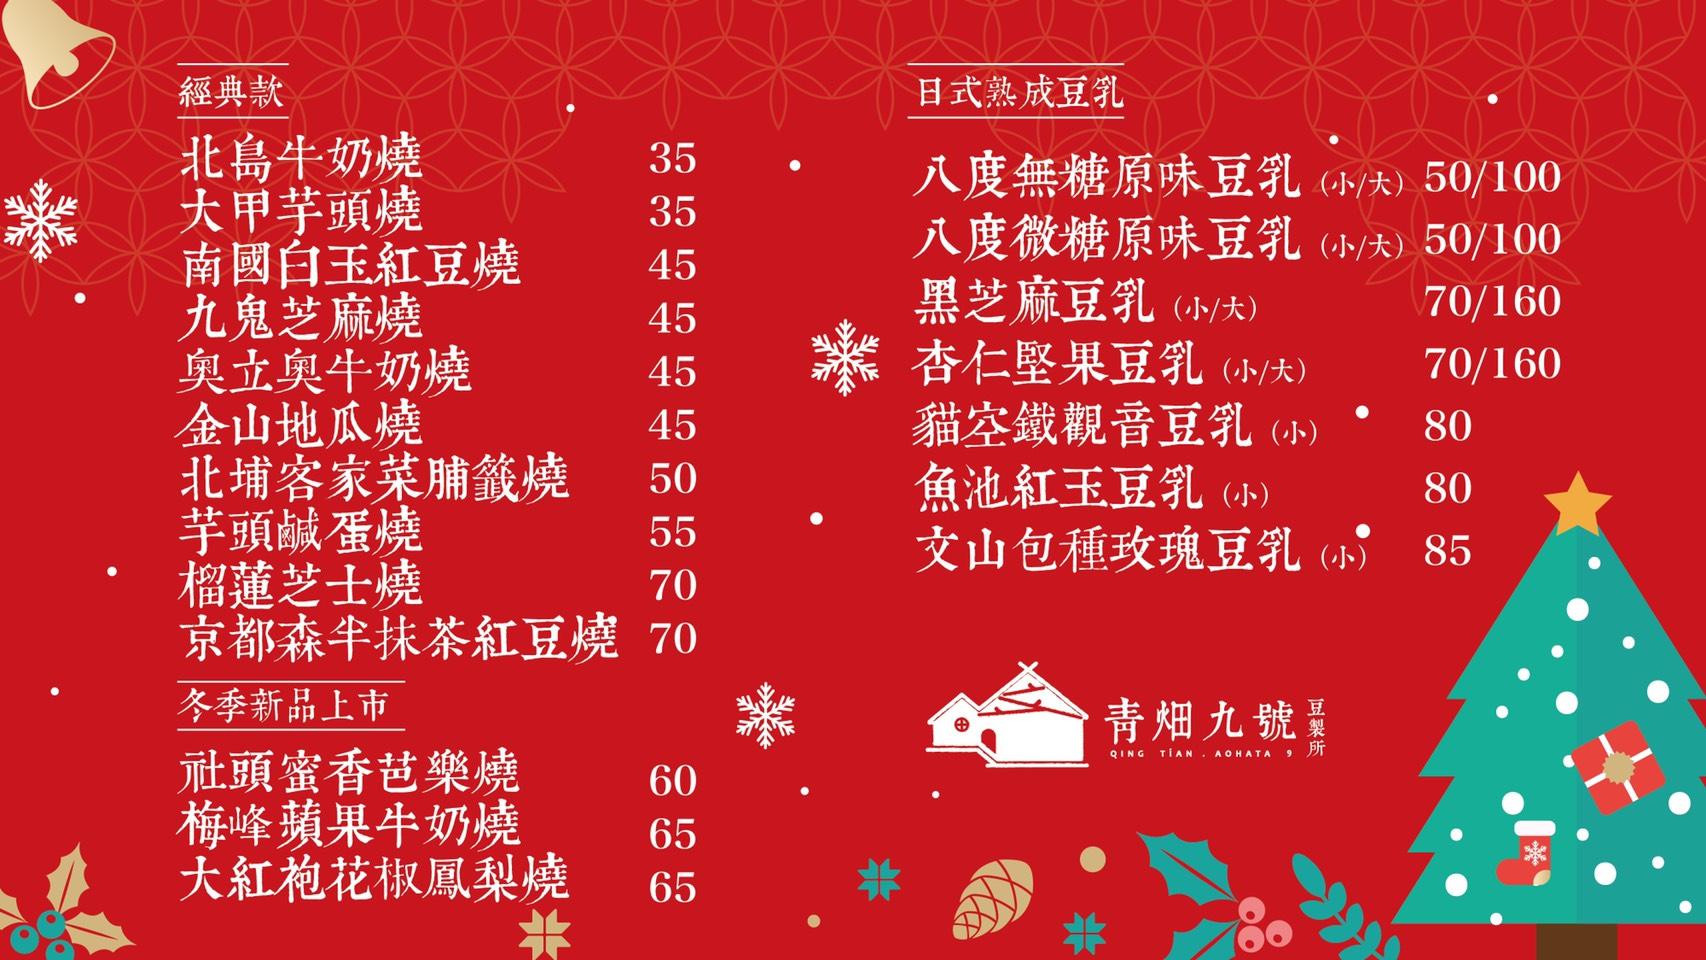 [信義區美食]青畑九號豆製所-台北101店/厚達7公分超浮誇車輪餅/台北紅豆餅推薦